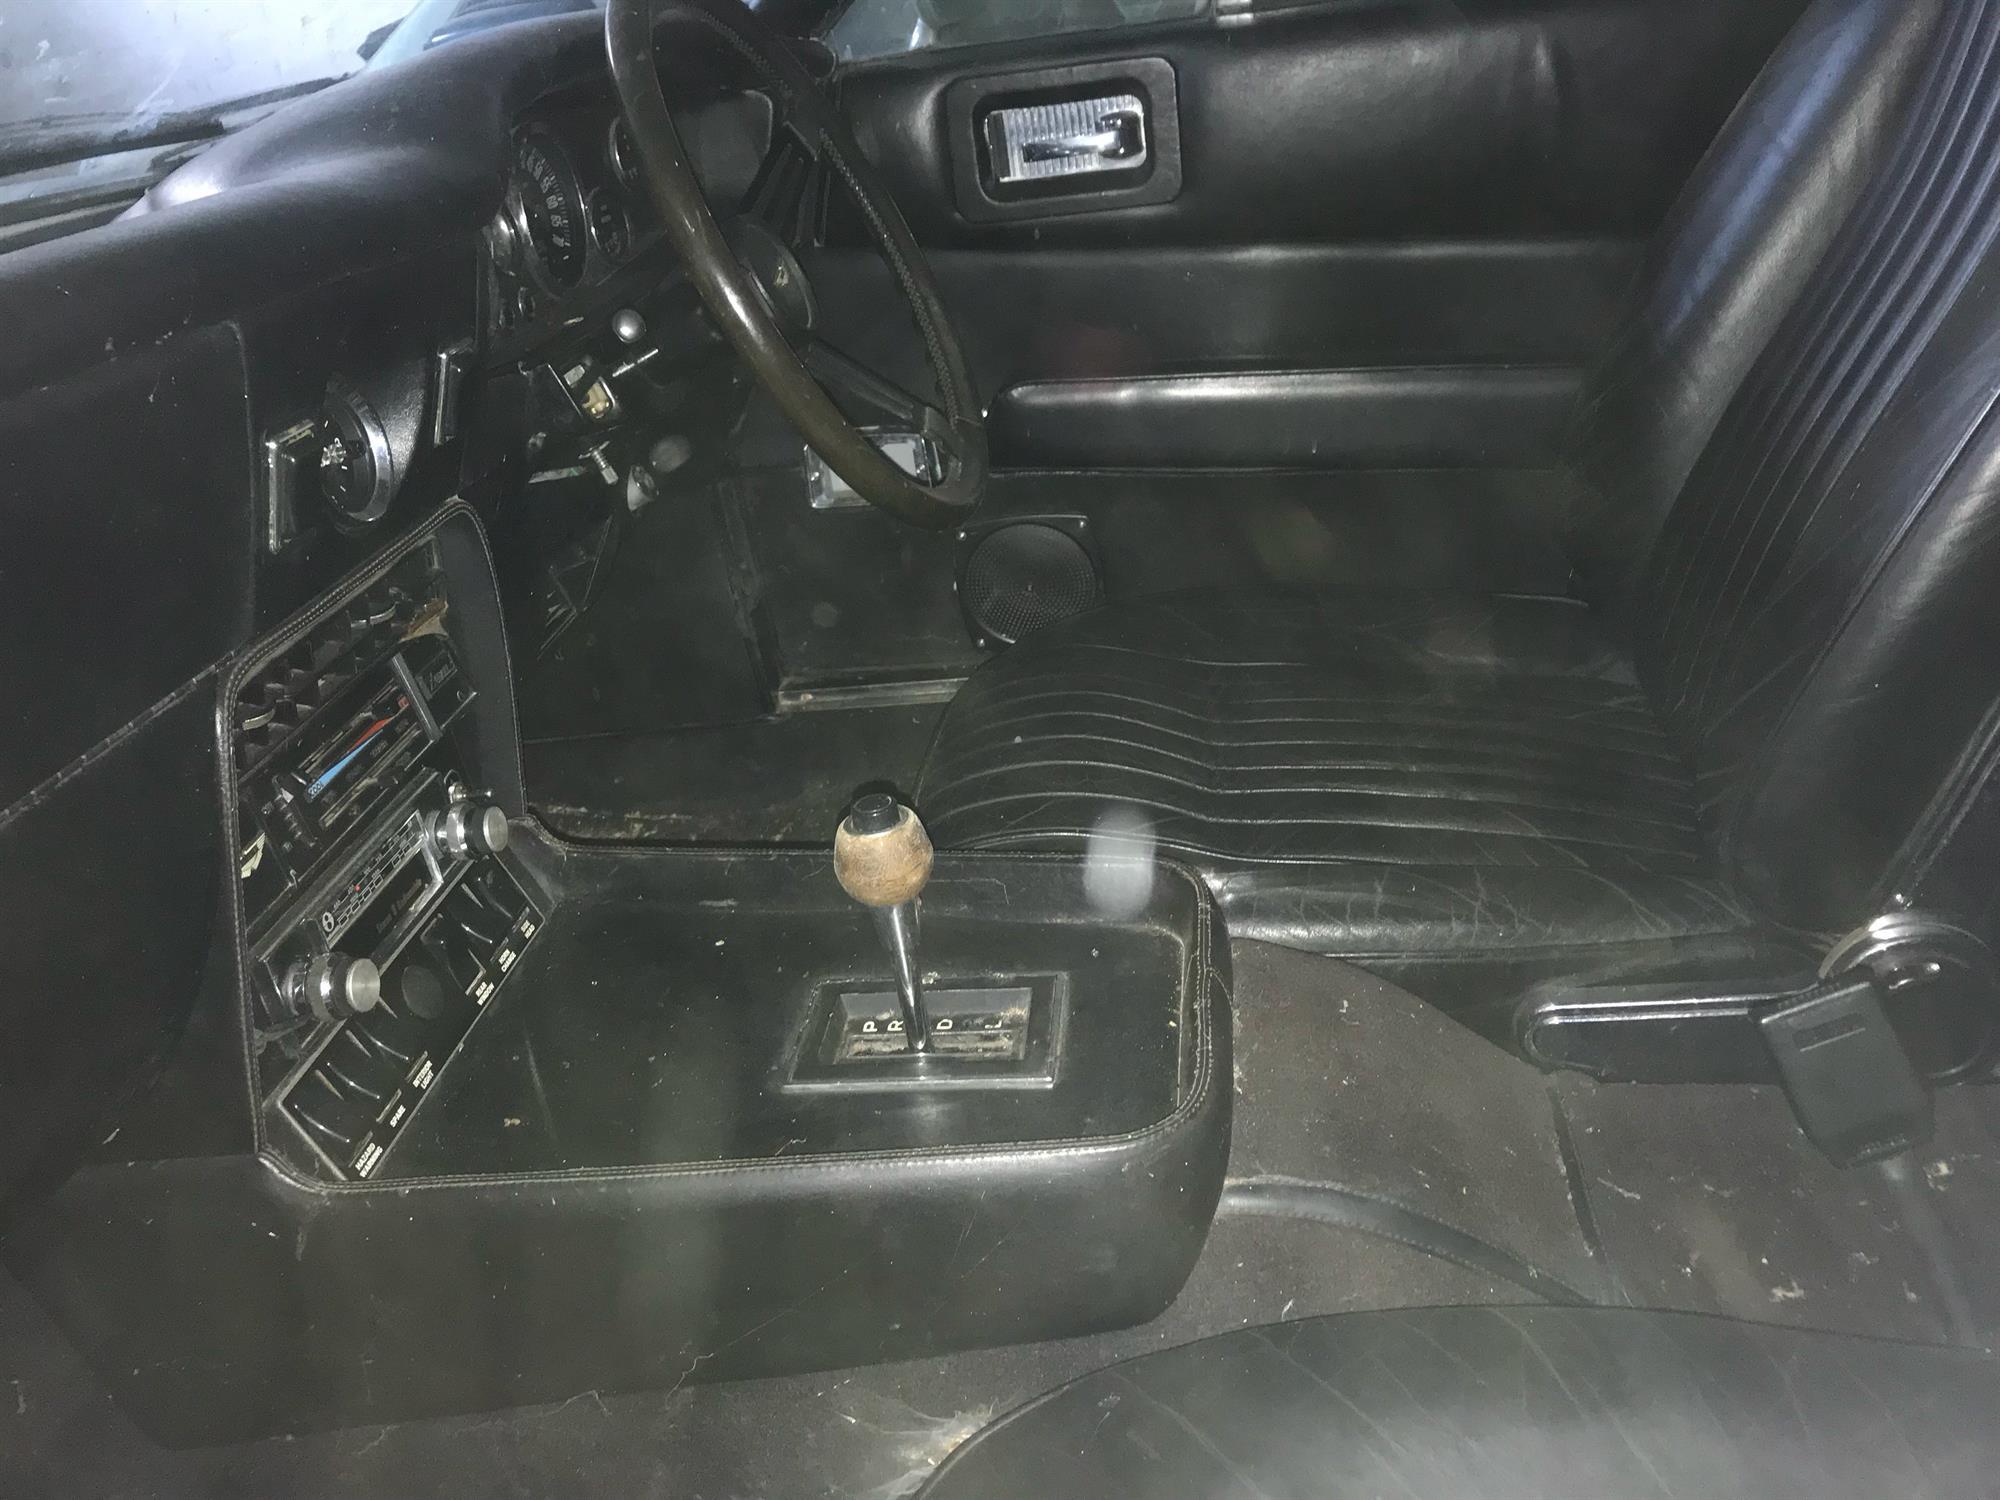 1973 Aston Martin AM V8 - Garage Find - Image 10 of 13